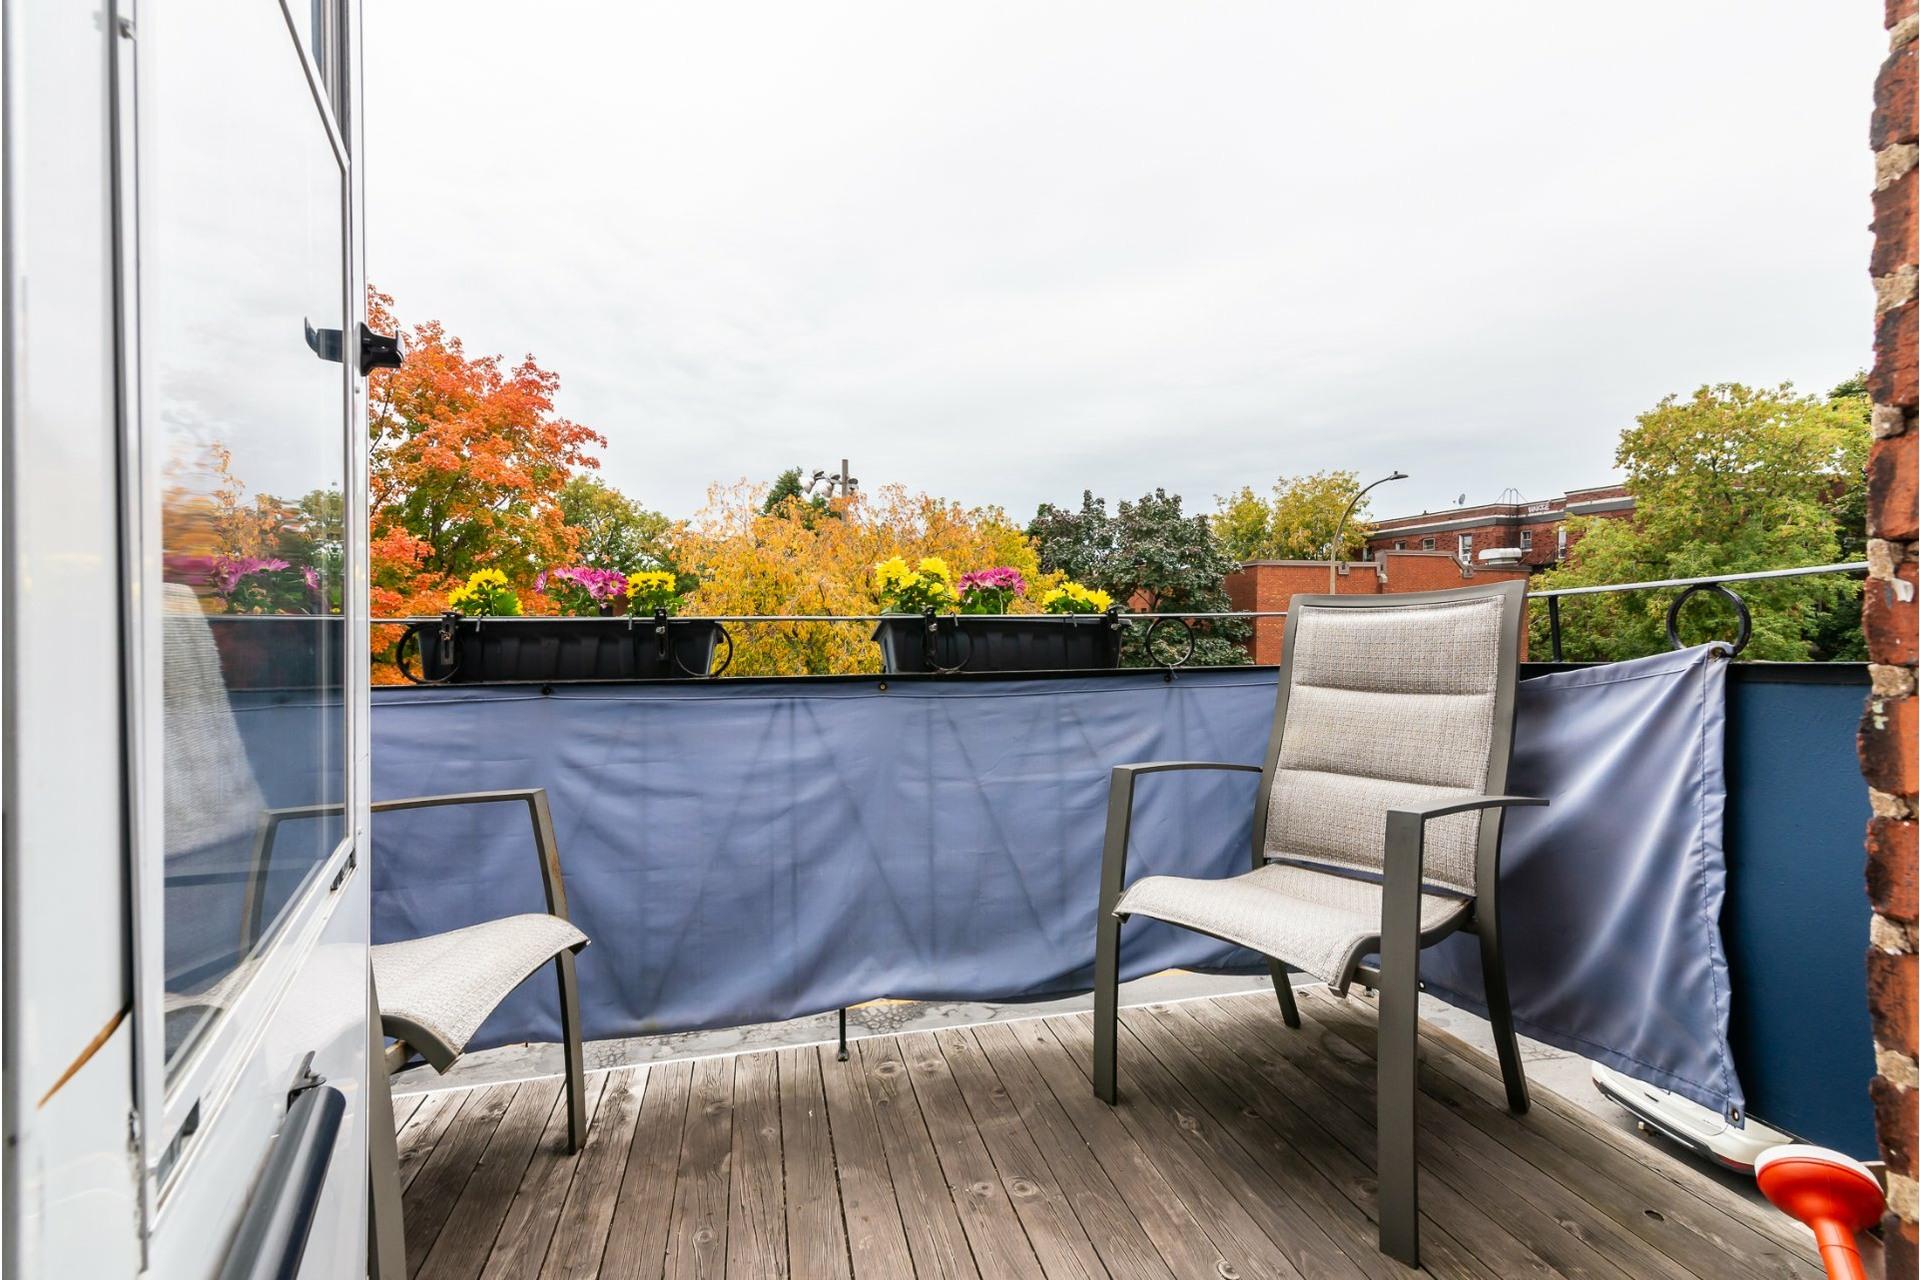 image 47 - Duplex À vendre Côte-des-Neiges/Notre-Dame-de-Grâce Montréal  - 5 pièces